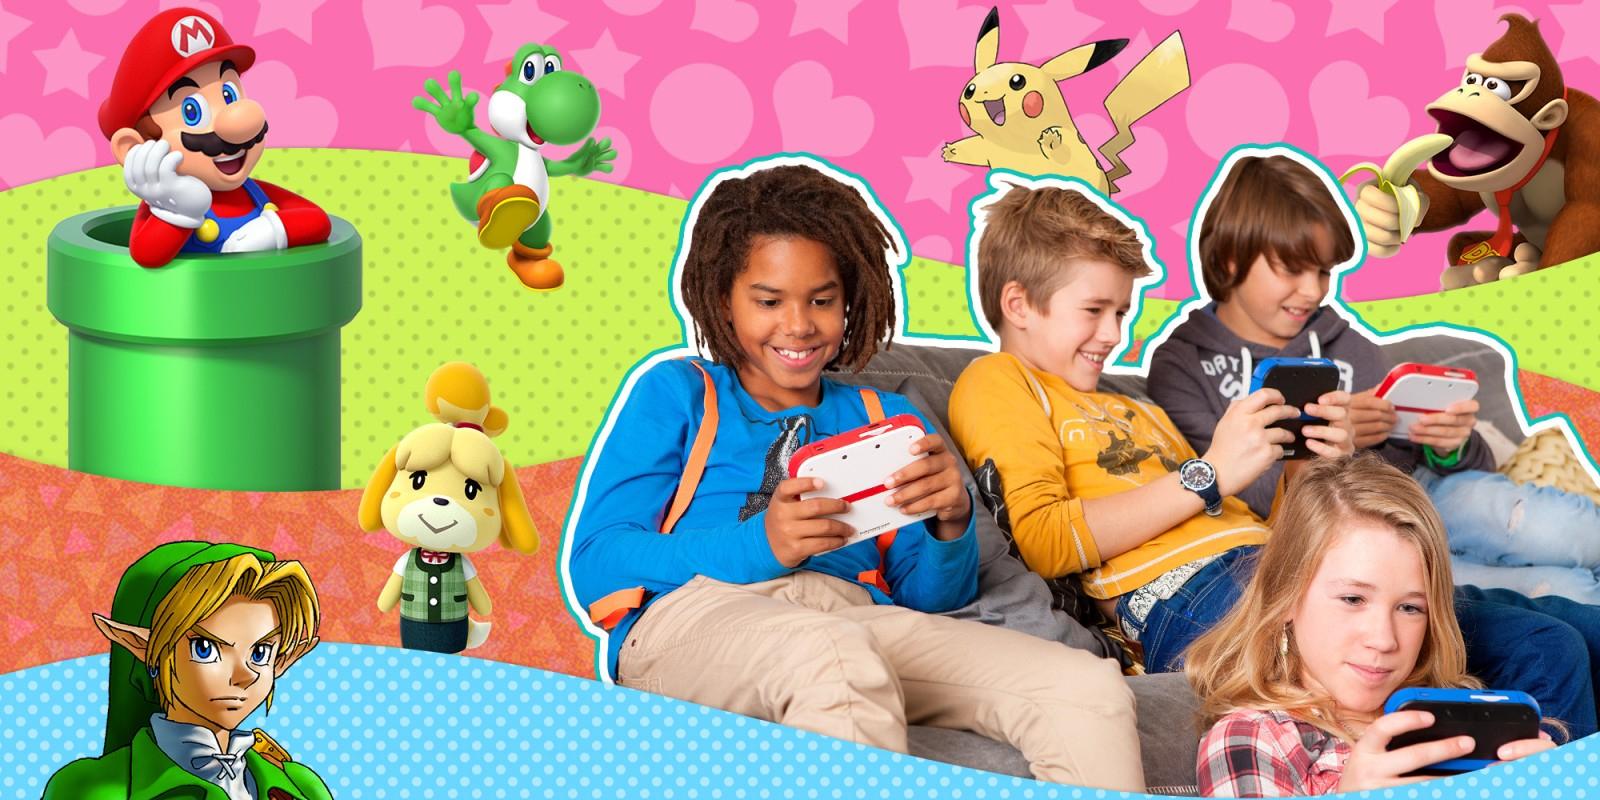 Jeux Nintendo Pour Les Enfants | Nintendo tout Jeux En Ligne 6 Ans